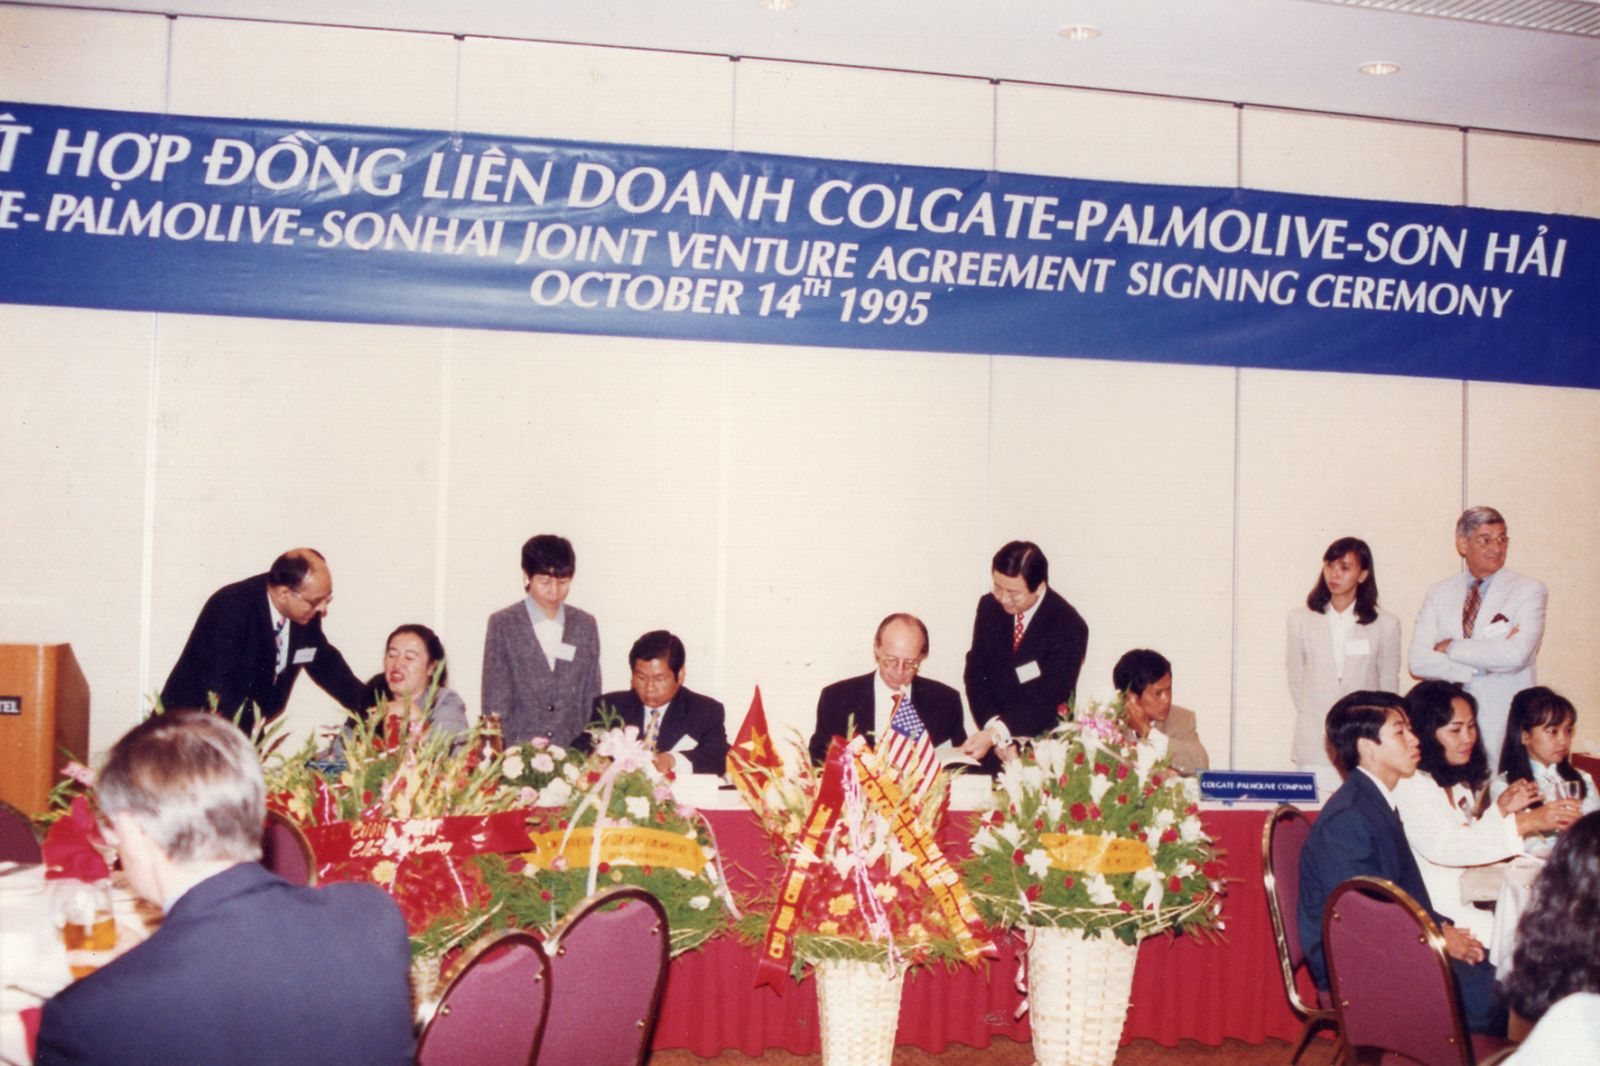 Năm 1995, ông Nhơn quyết định bán thương hiệu Dạ Lan cho Colgate Palmolive